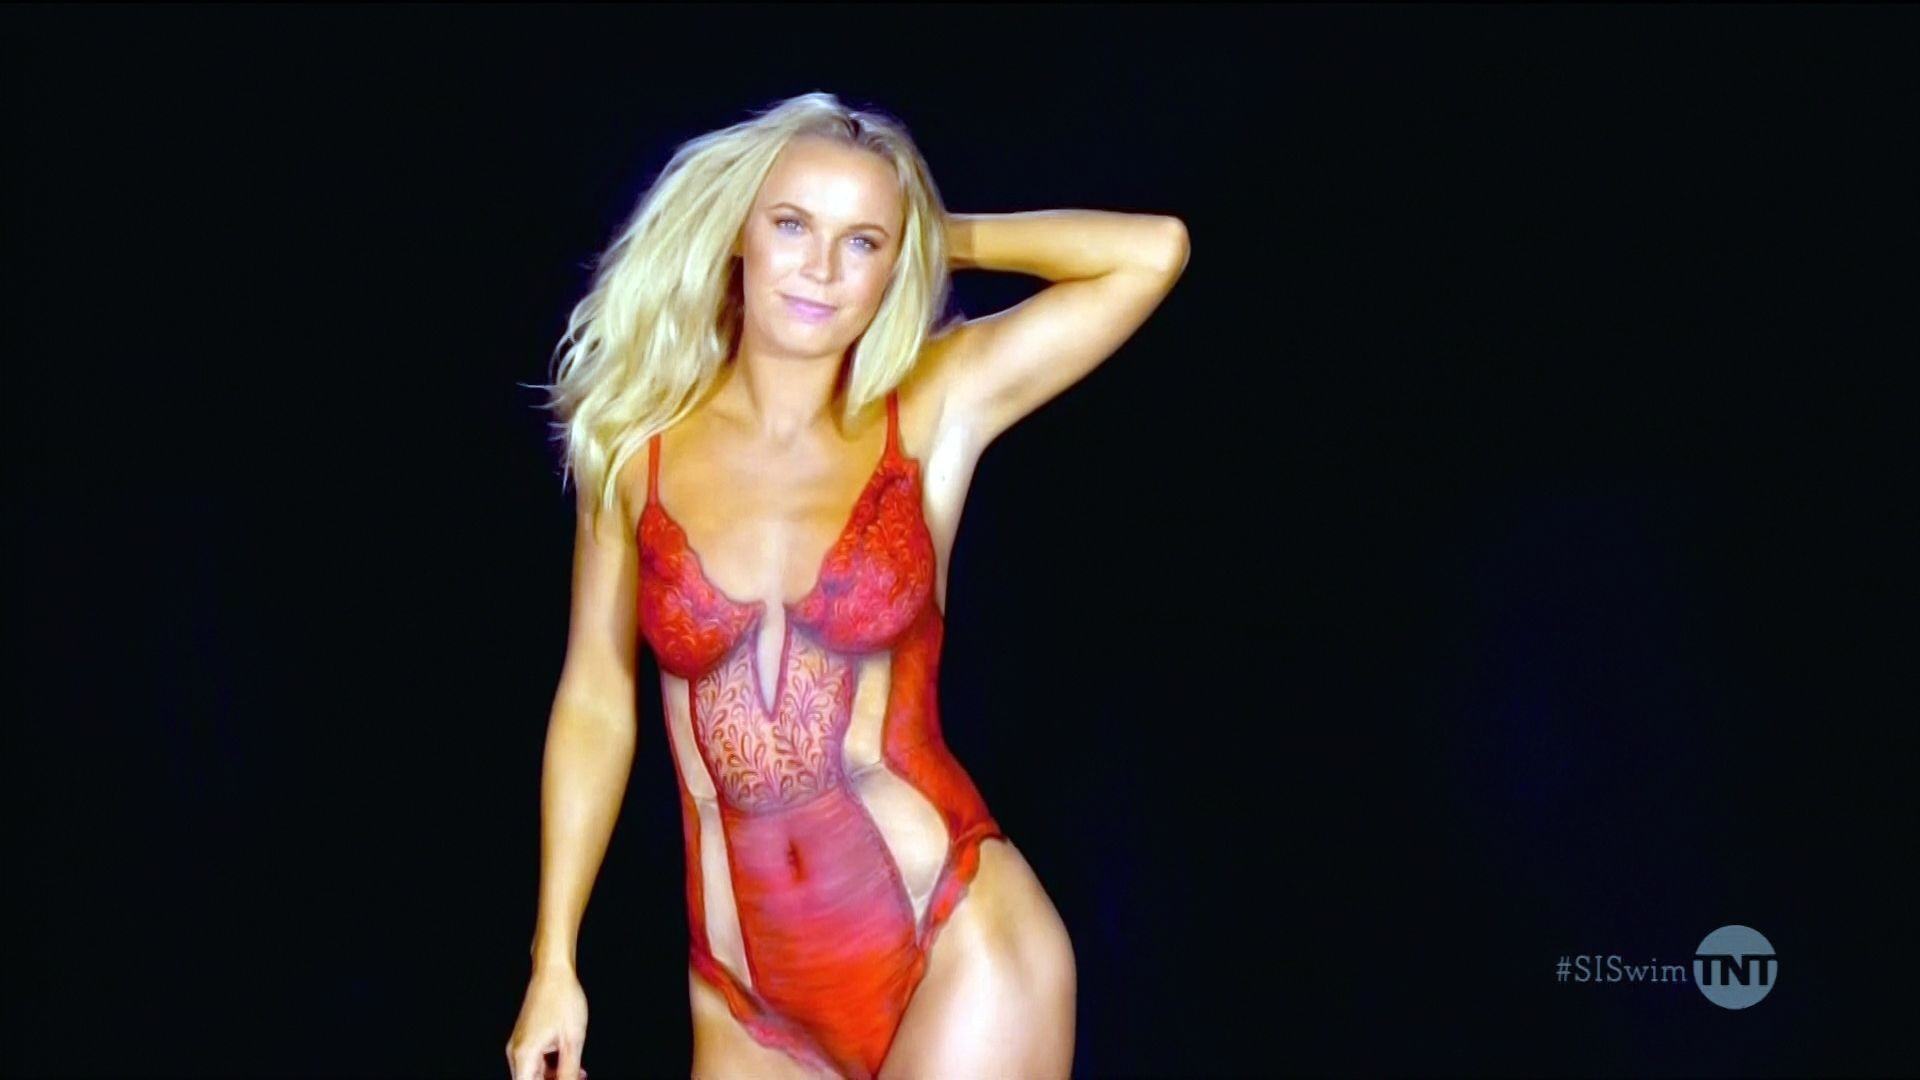 Caroline wozniacki naked bodypaint 6